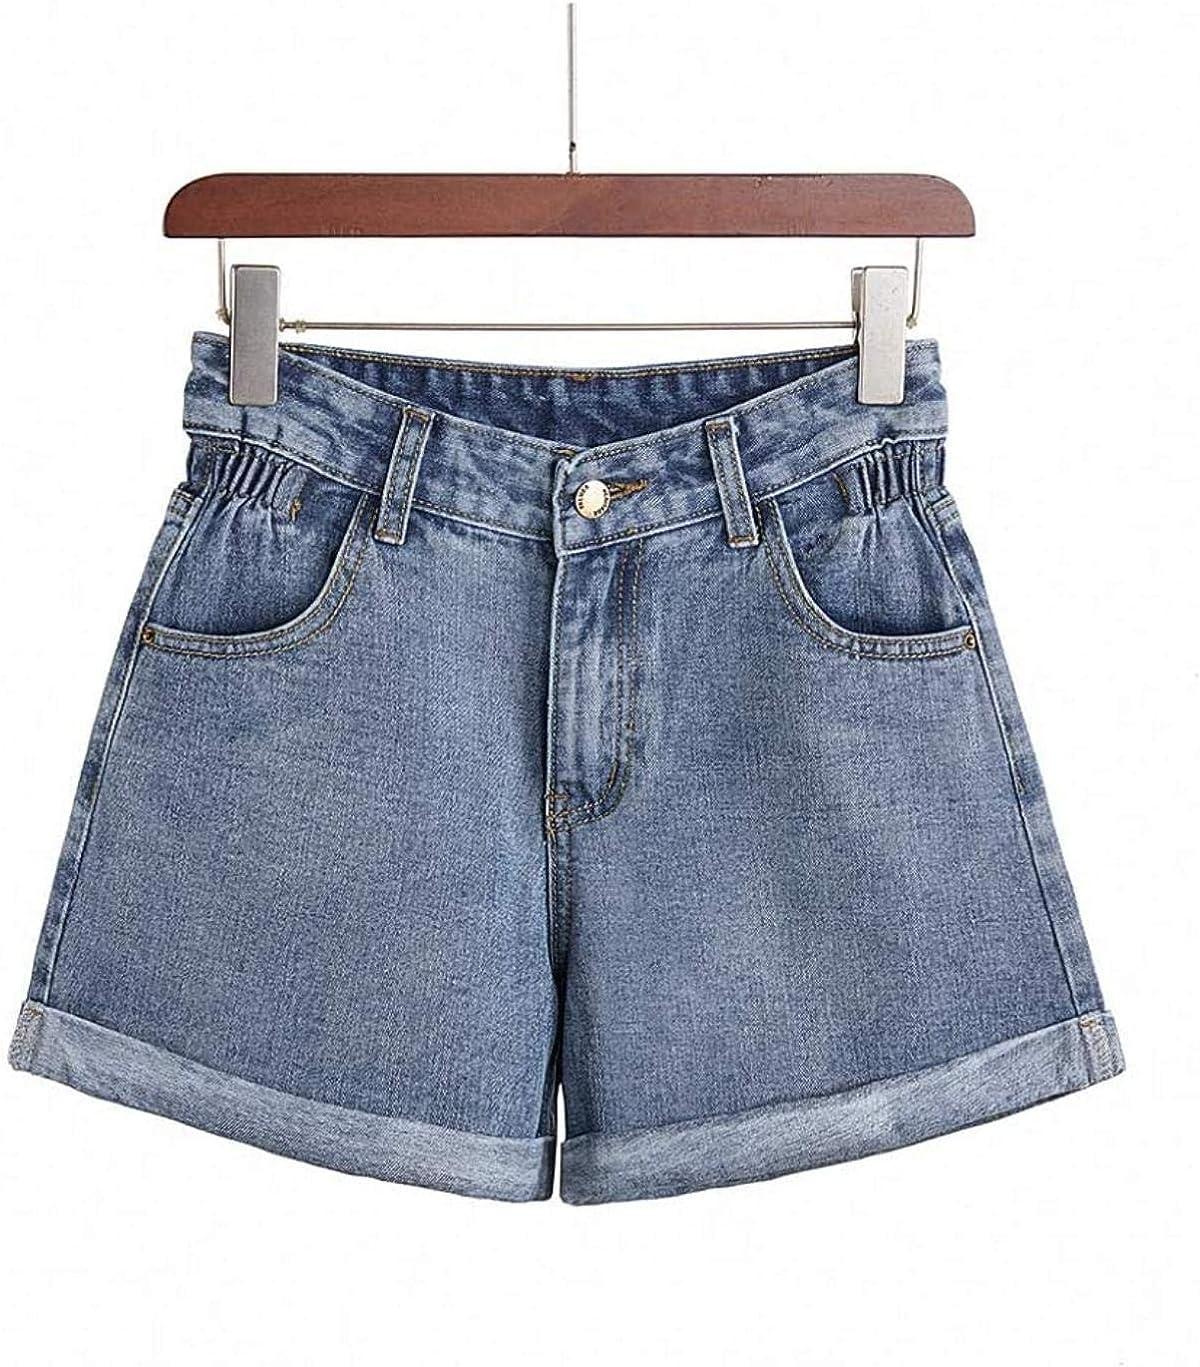 Rsqsjgkert Denim Shorts Women's Summer Light Blue Women Short Jeans Elastic Waist Wide Leg High Waist with Pockets Shorts